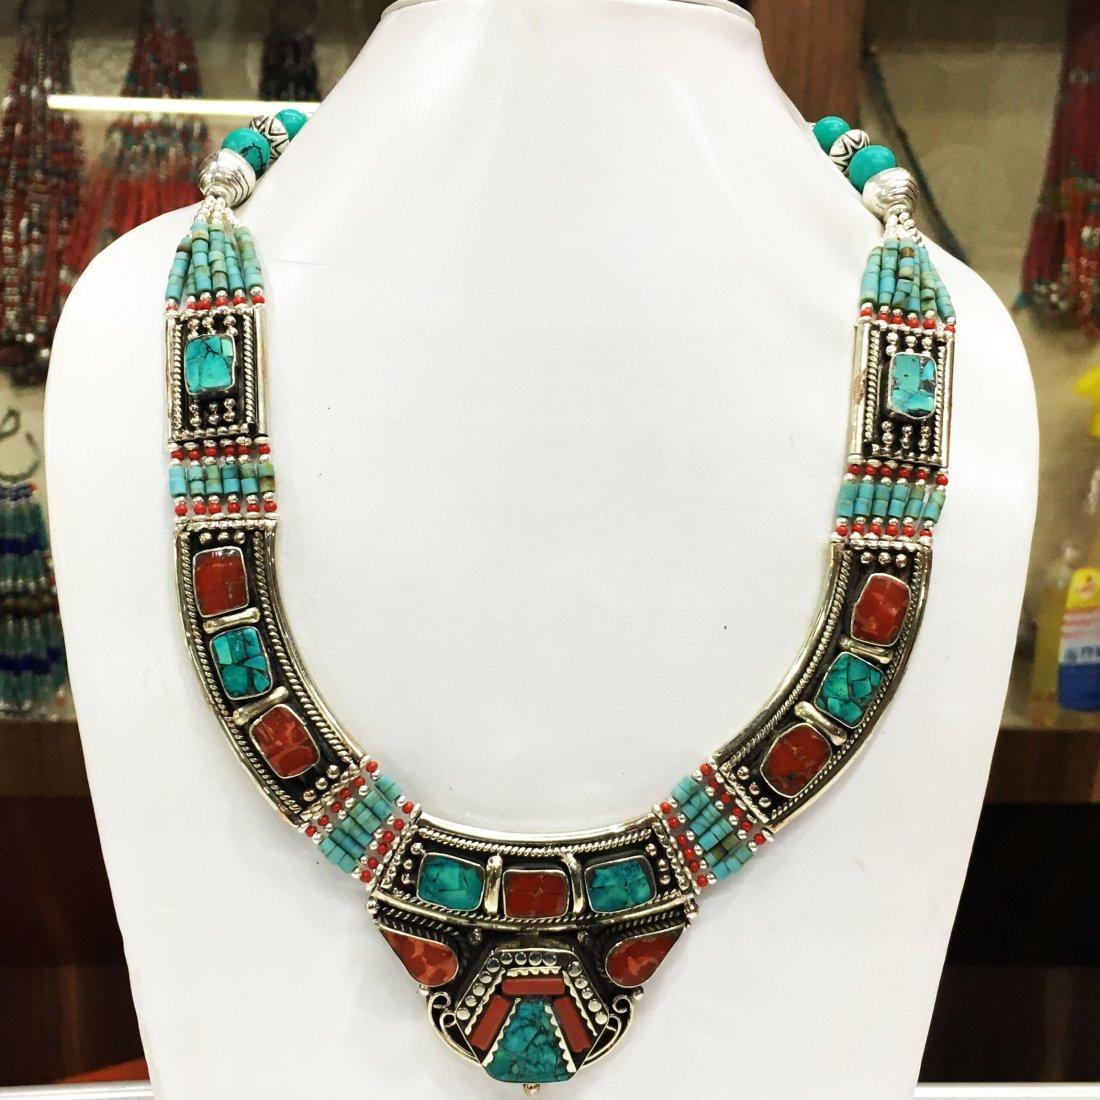 Handmade Tibetan Turquoise & Lapis Necklace